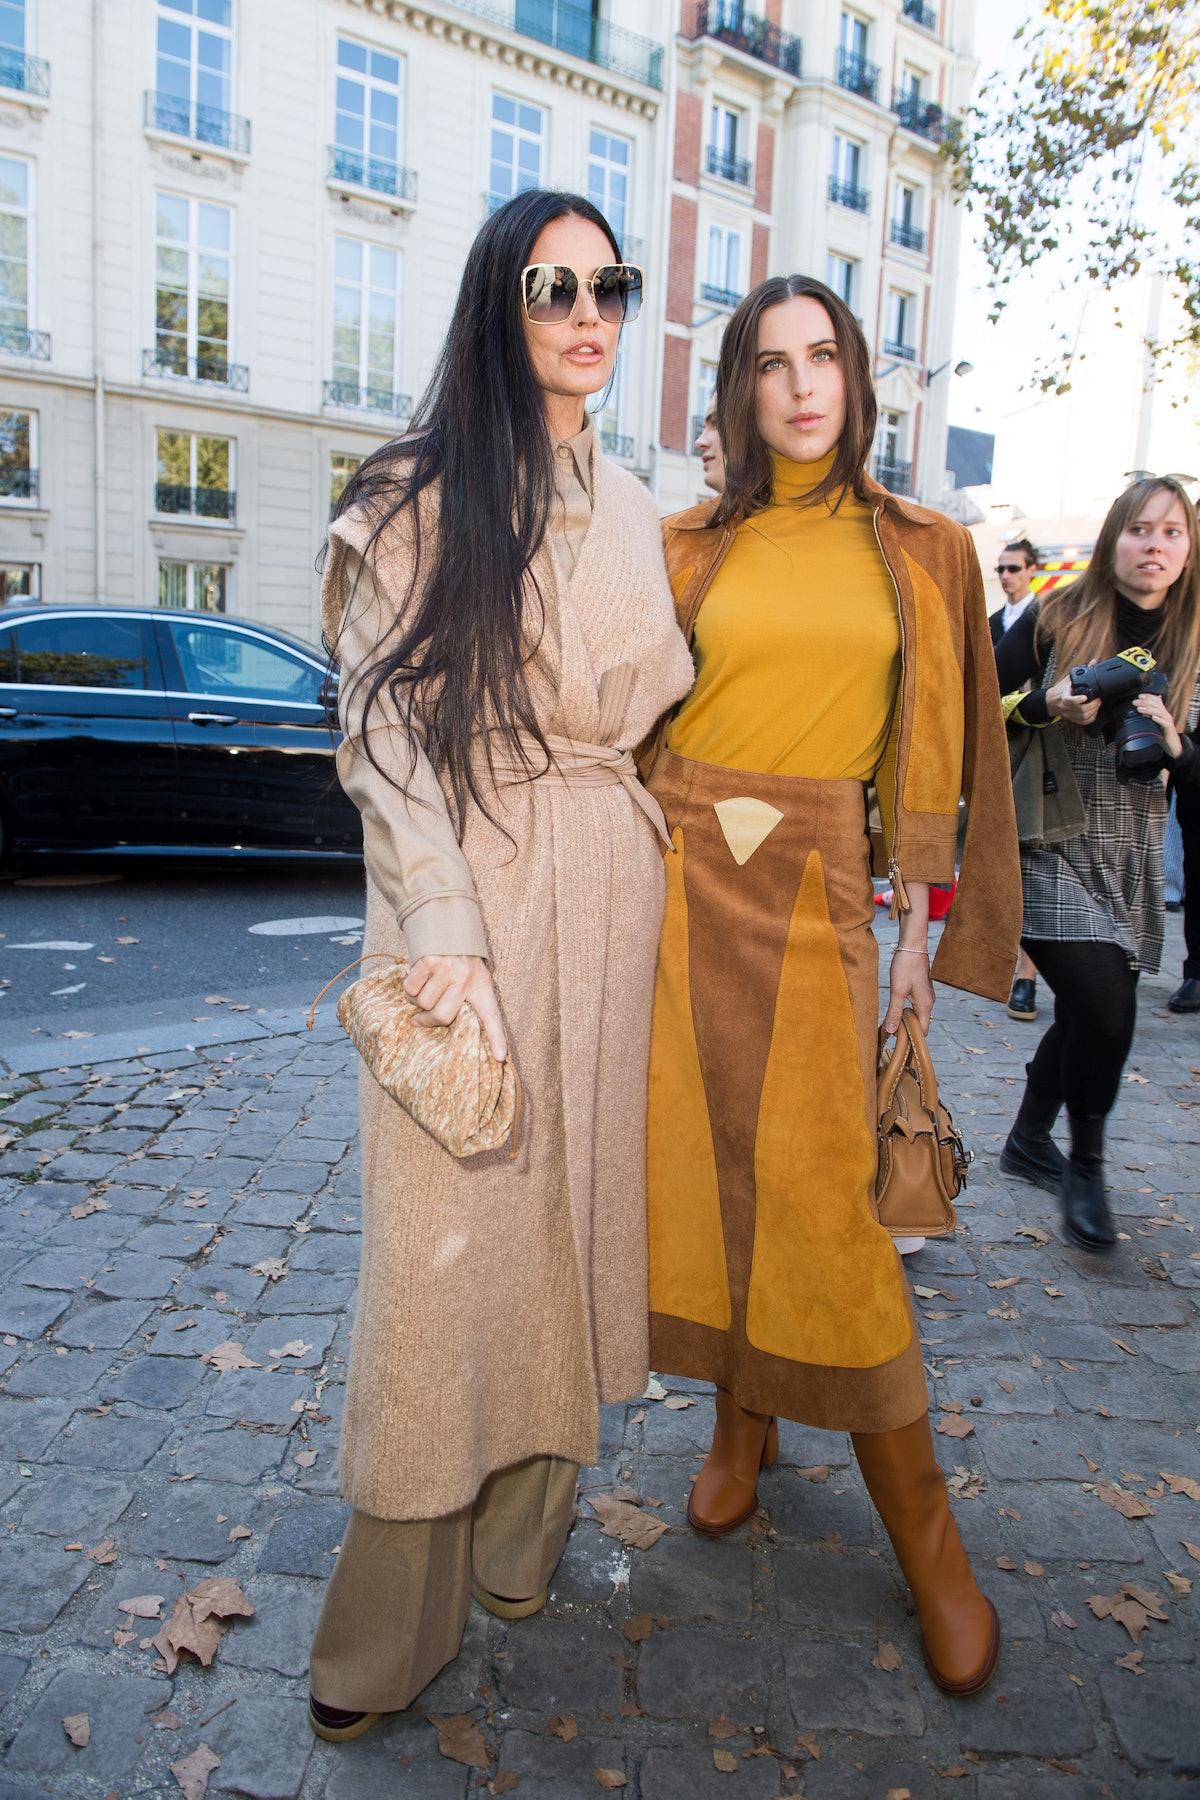 دمی مور و پیشاهنگ ویلیس در نمایشگاه لباس زنانه Chloe بهار/تابستان 2022 شرکت می کنند